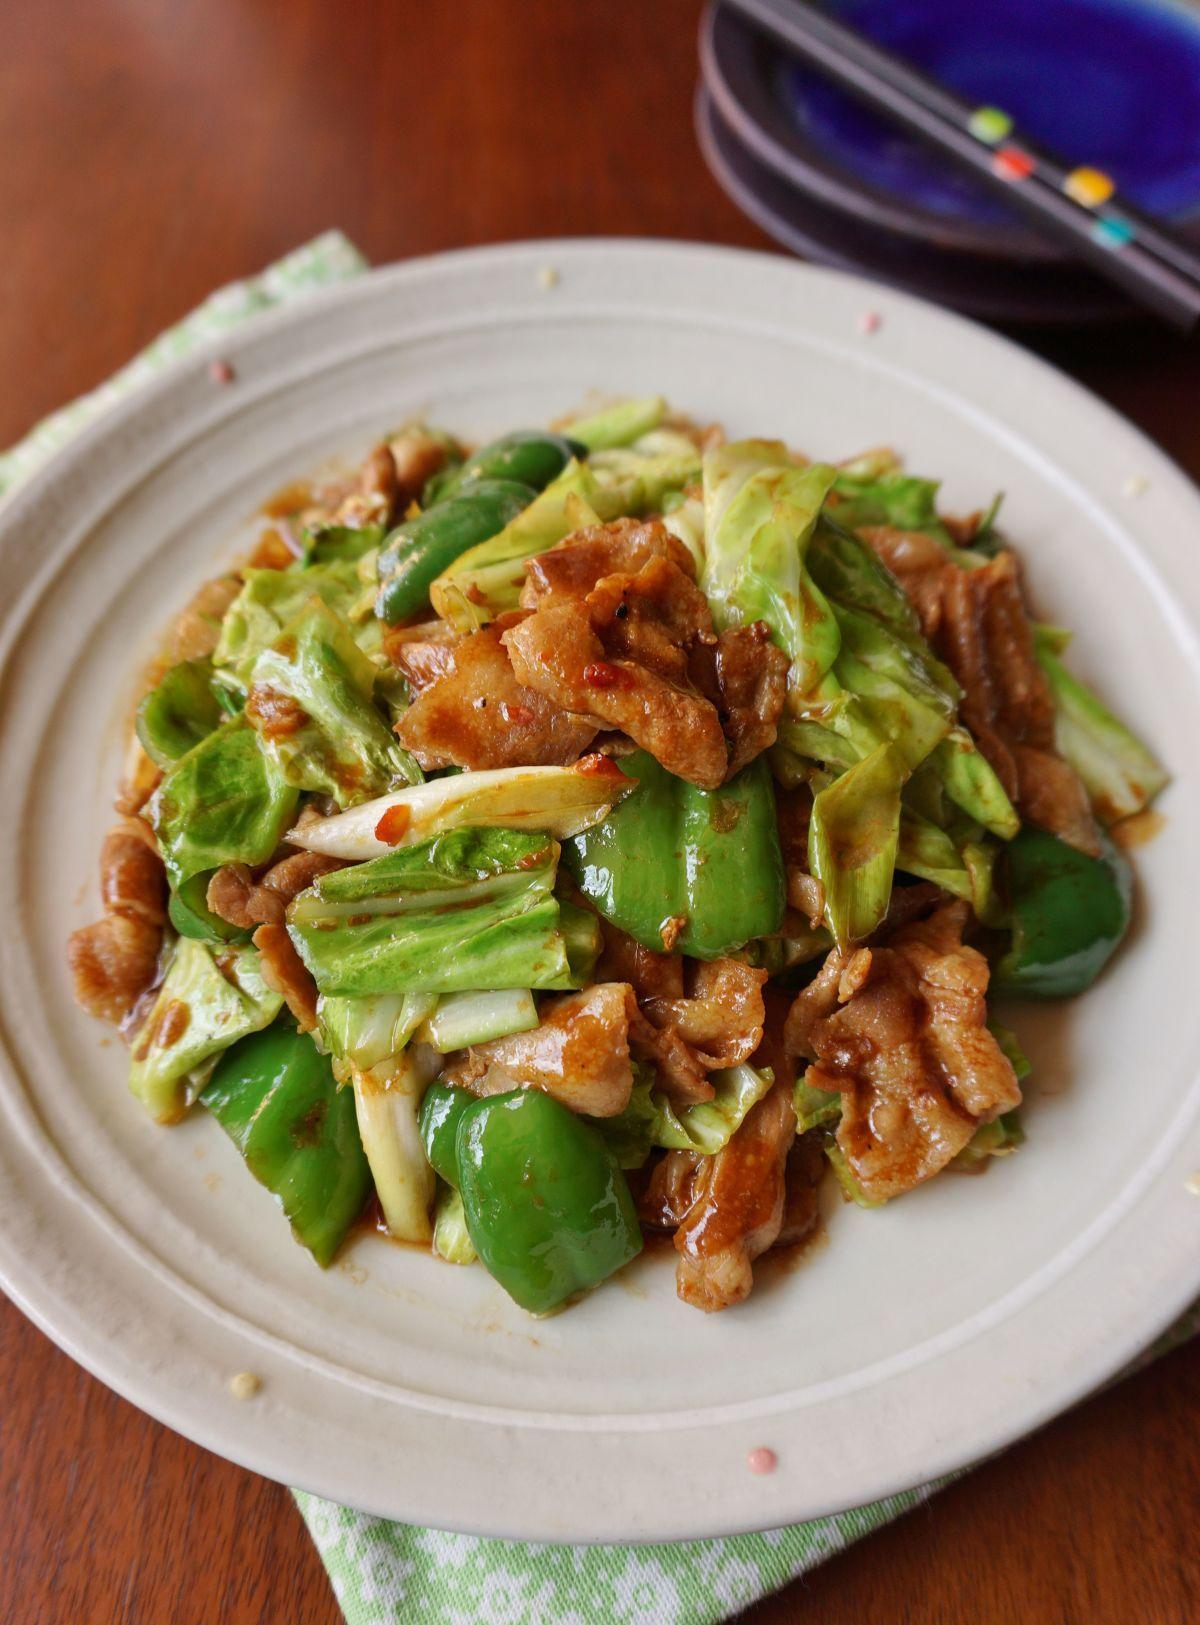 本当に美味しい回鍋肉 何度も作りたい定番レシピvol 47 料理 レシピ